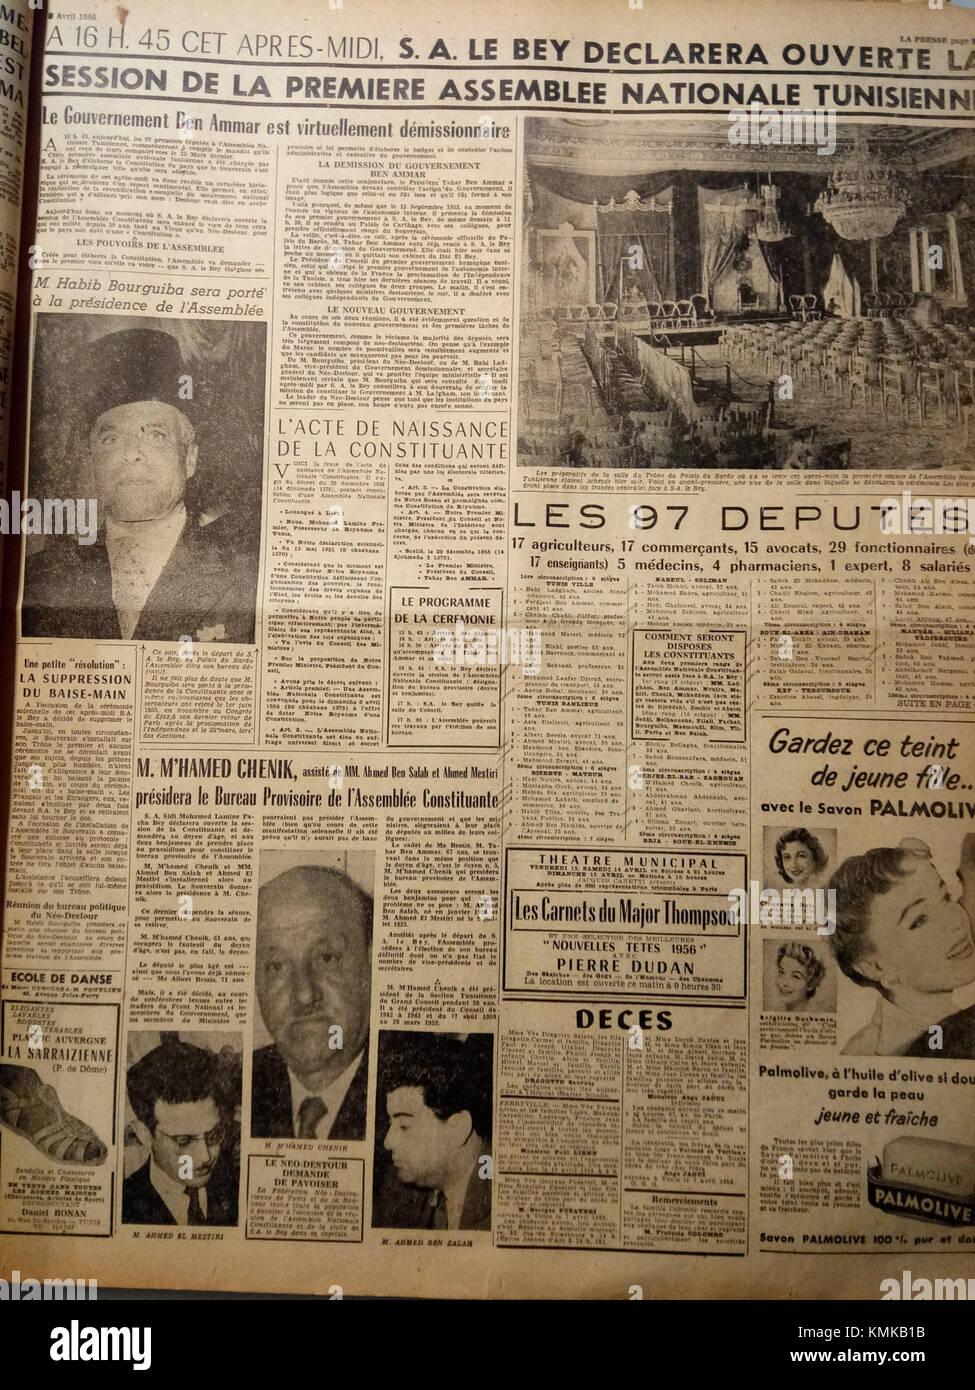 la presse tunisienne